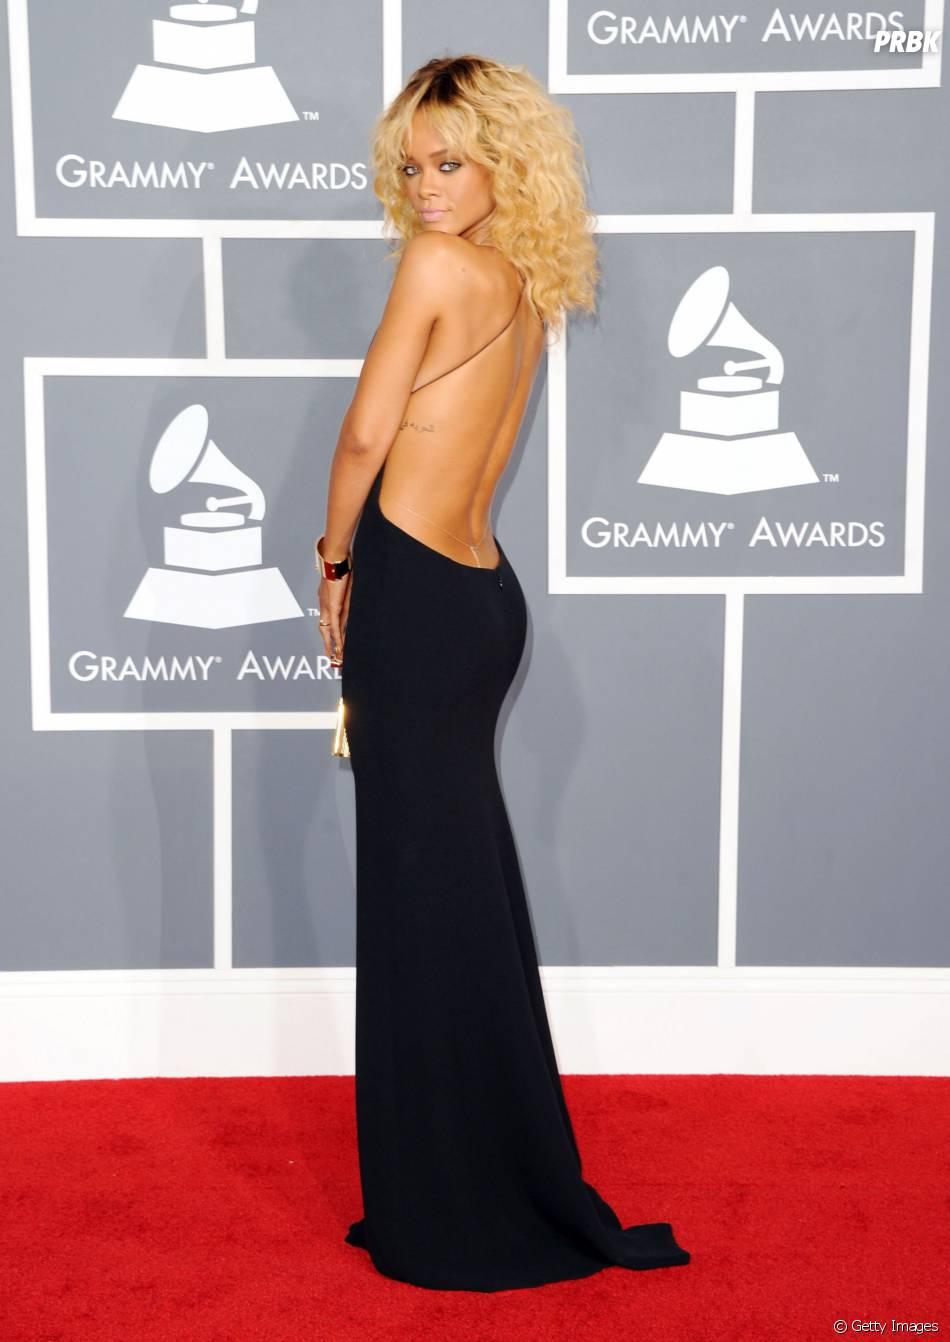 Durante o Grammy, Rihanna deixou o cofrinho à mostra